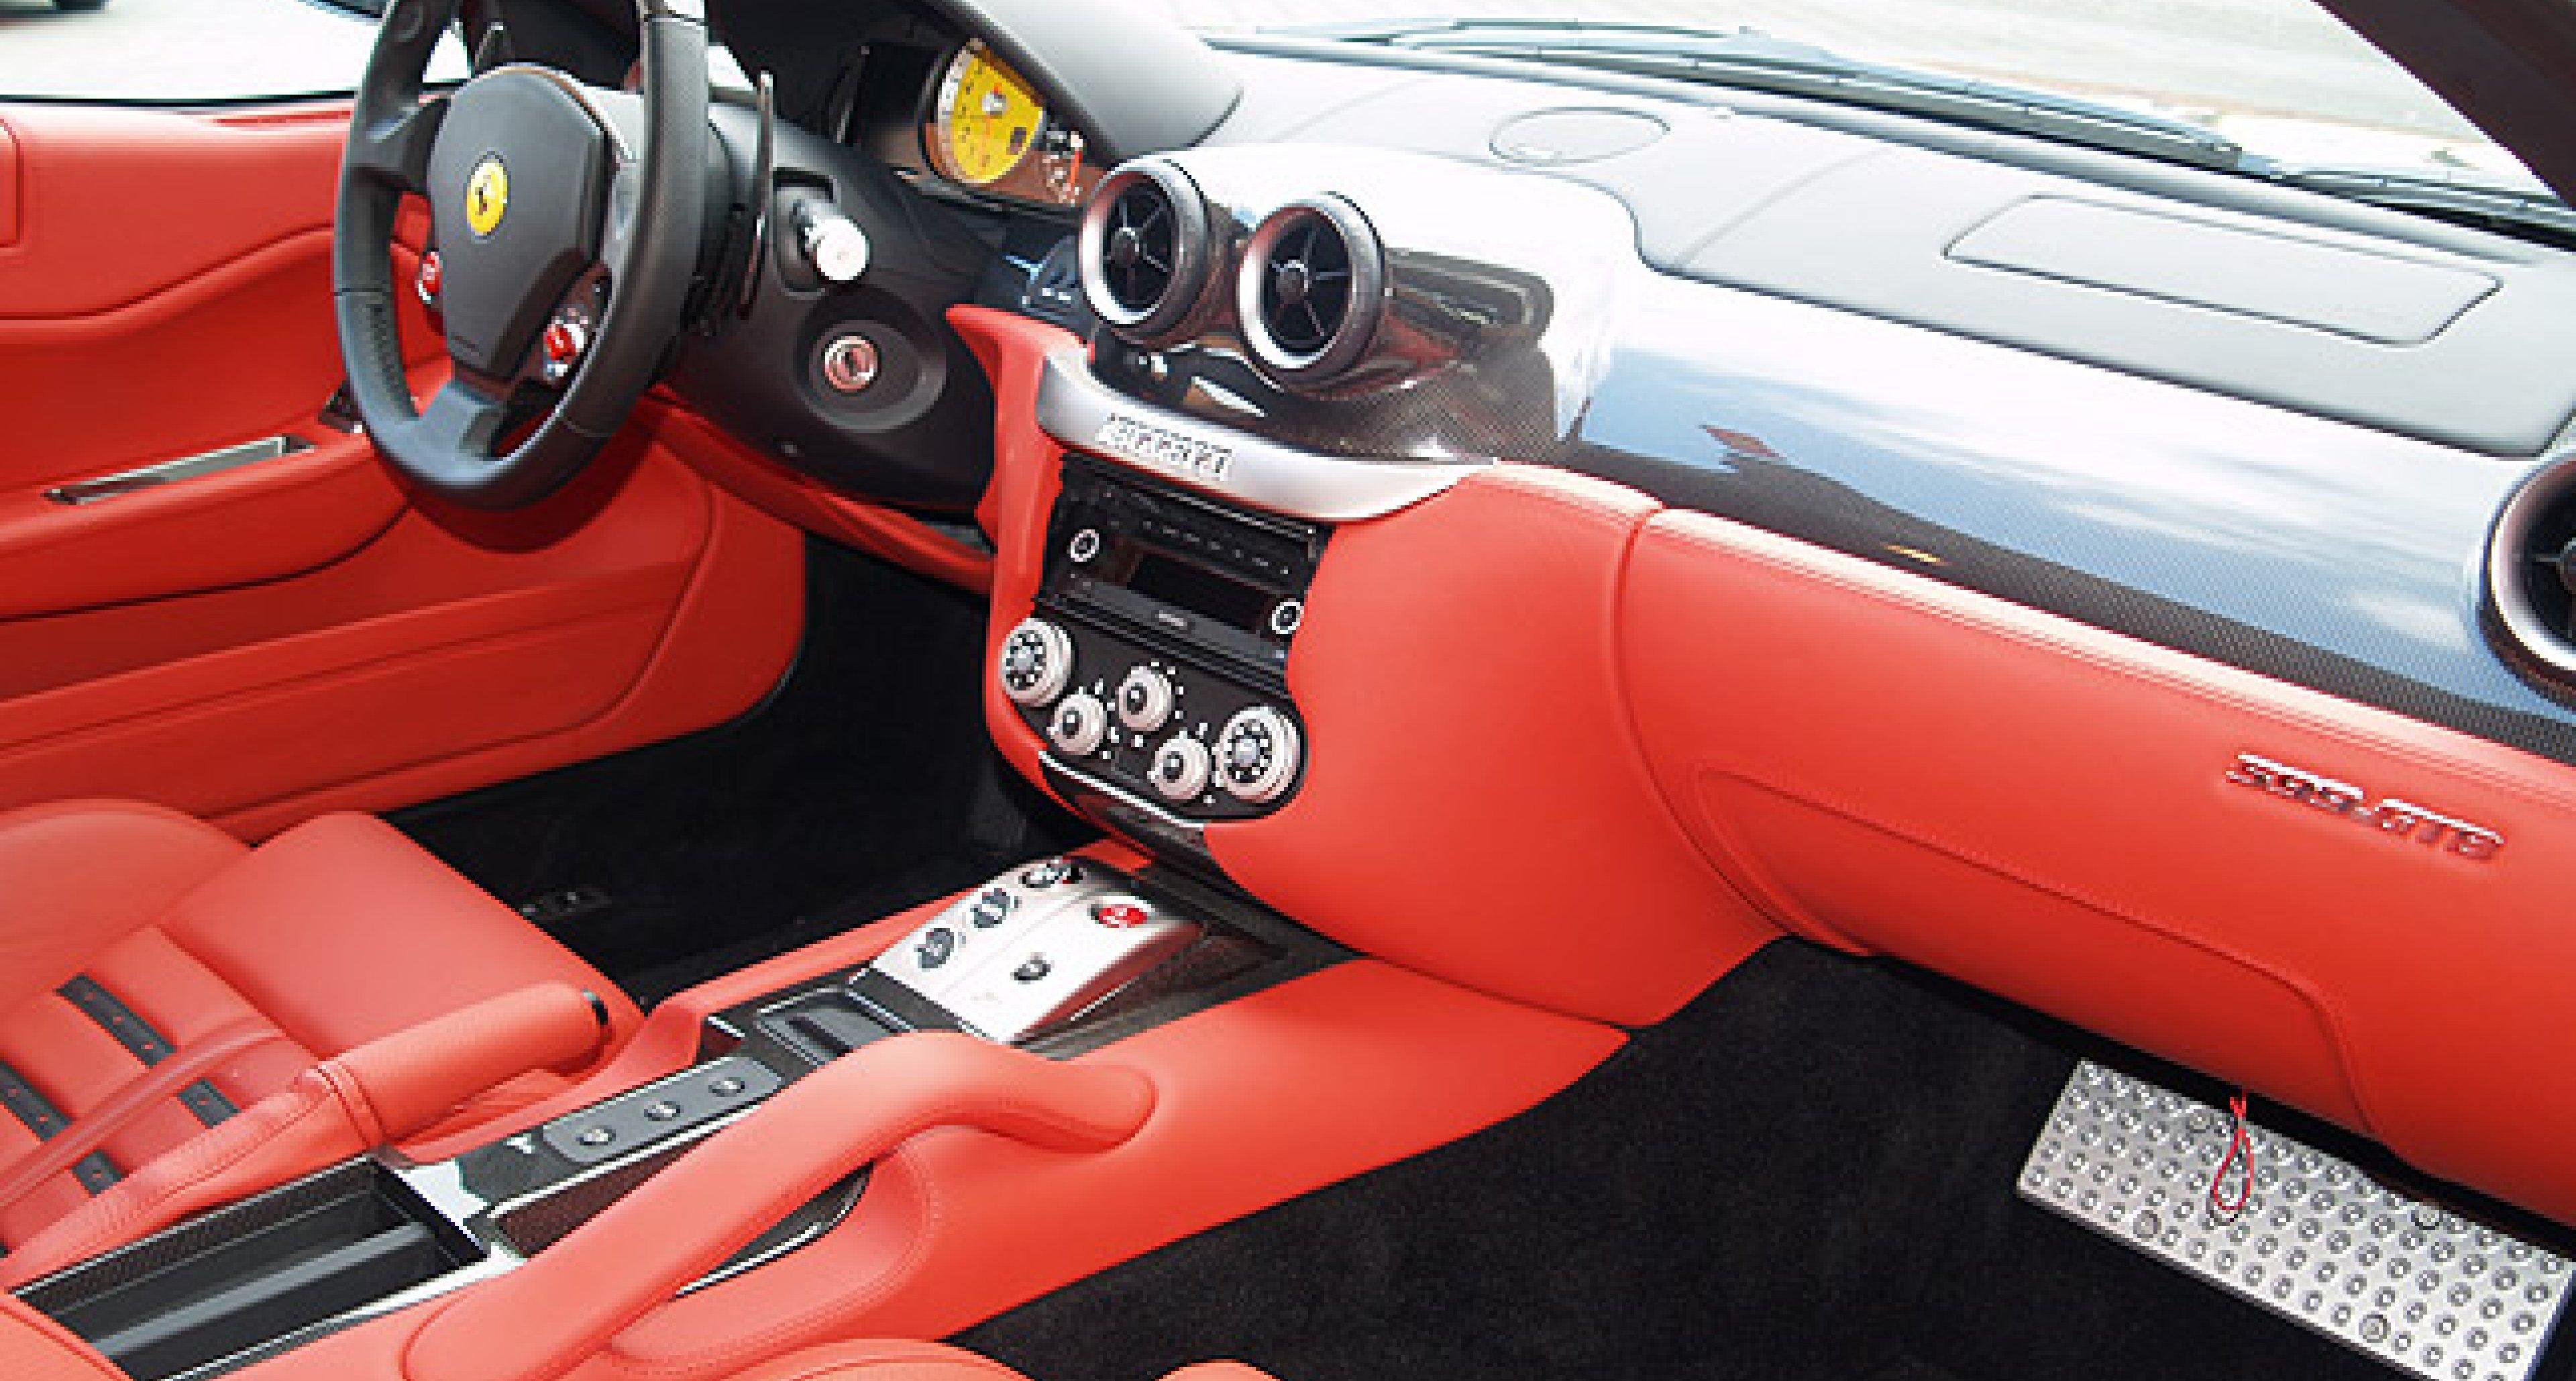 Dealer's Choice: Ferrari 599 GTB F1 Fiorano